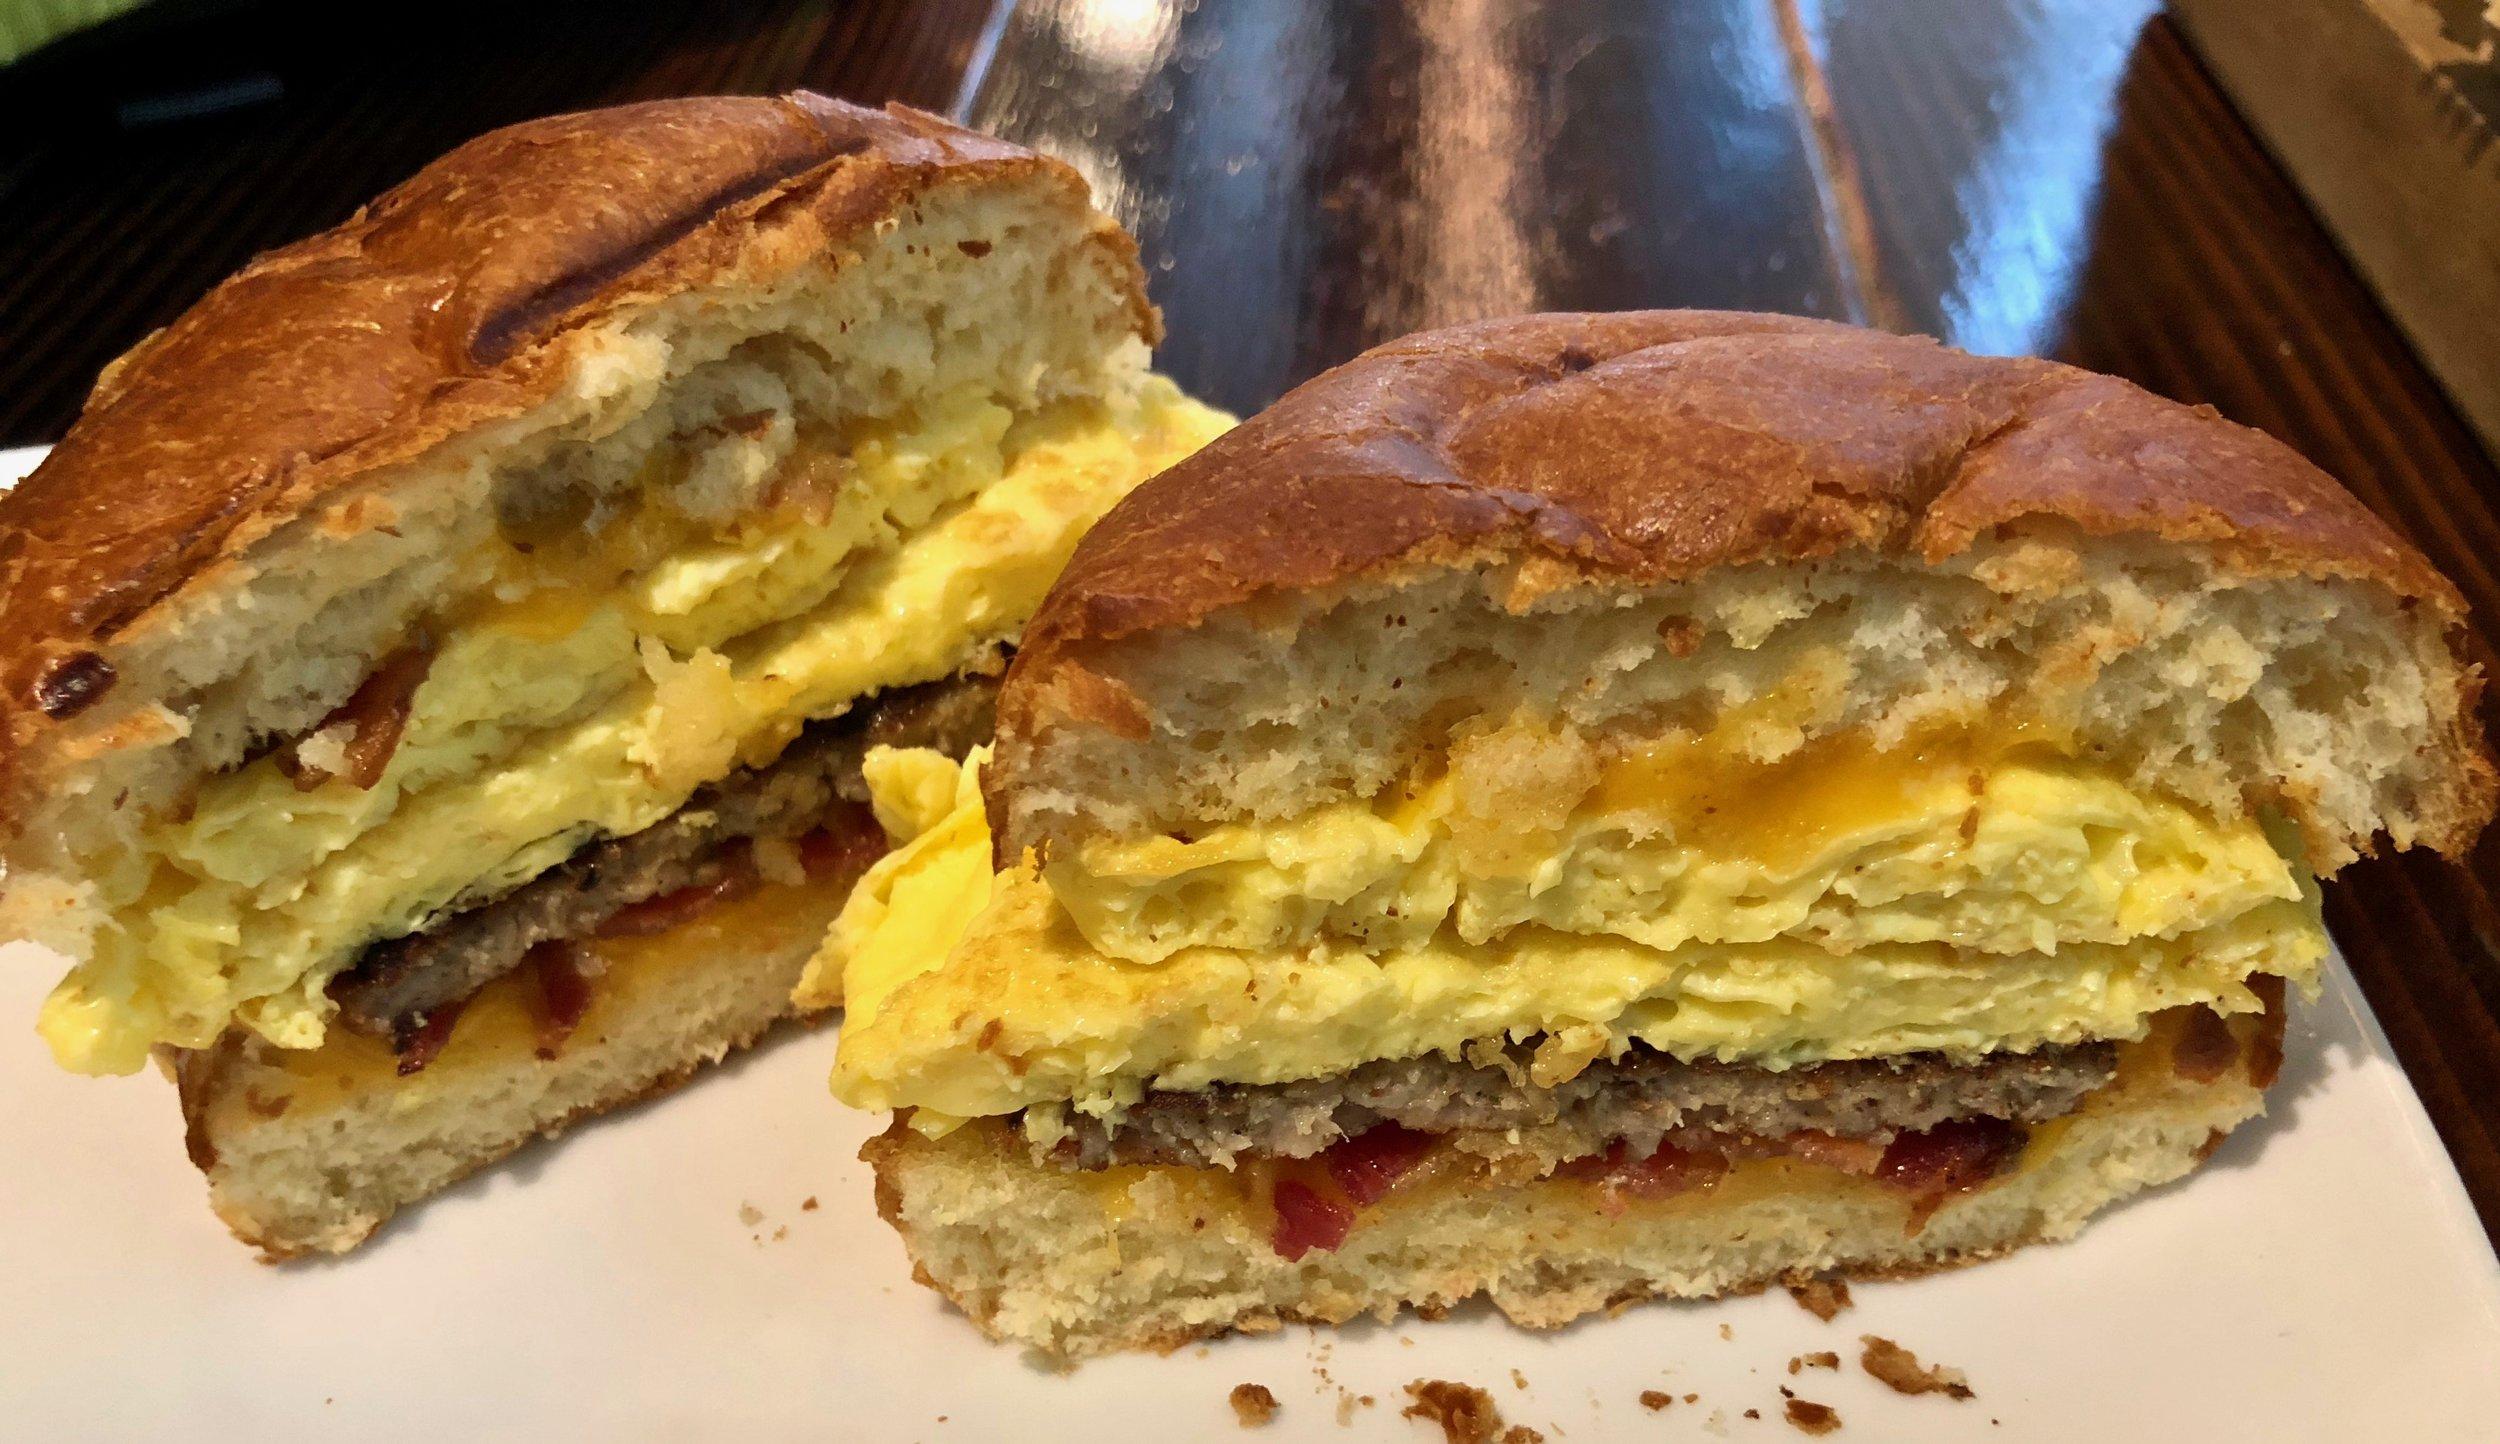 inside the breakfast sando